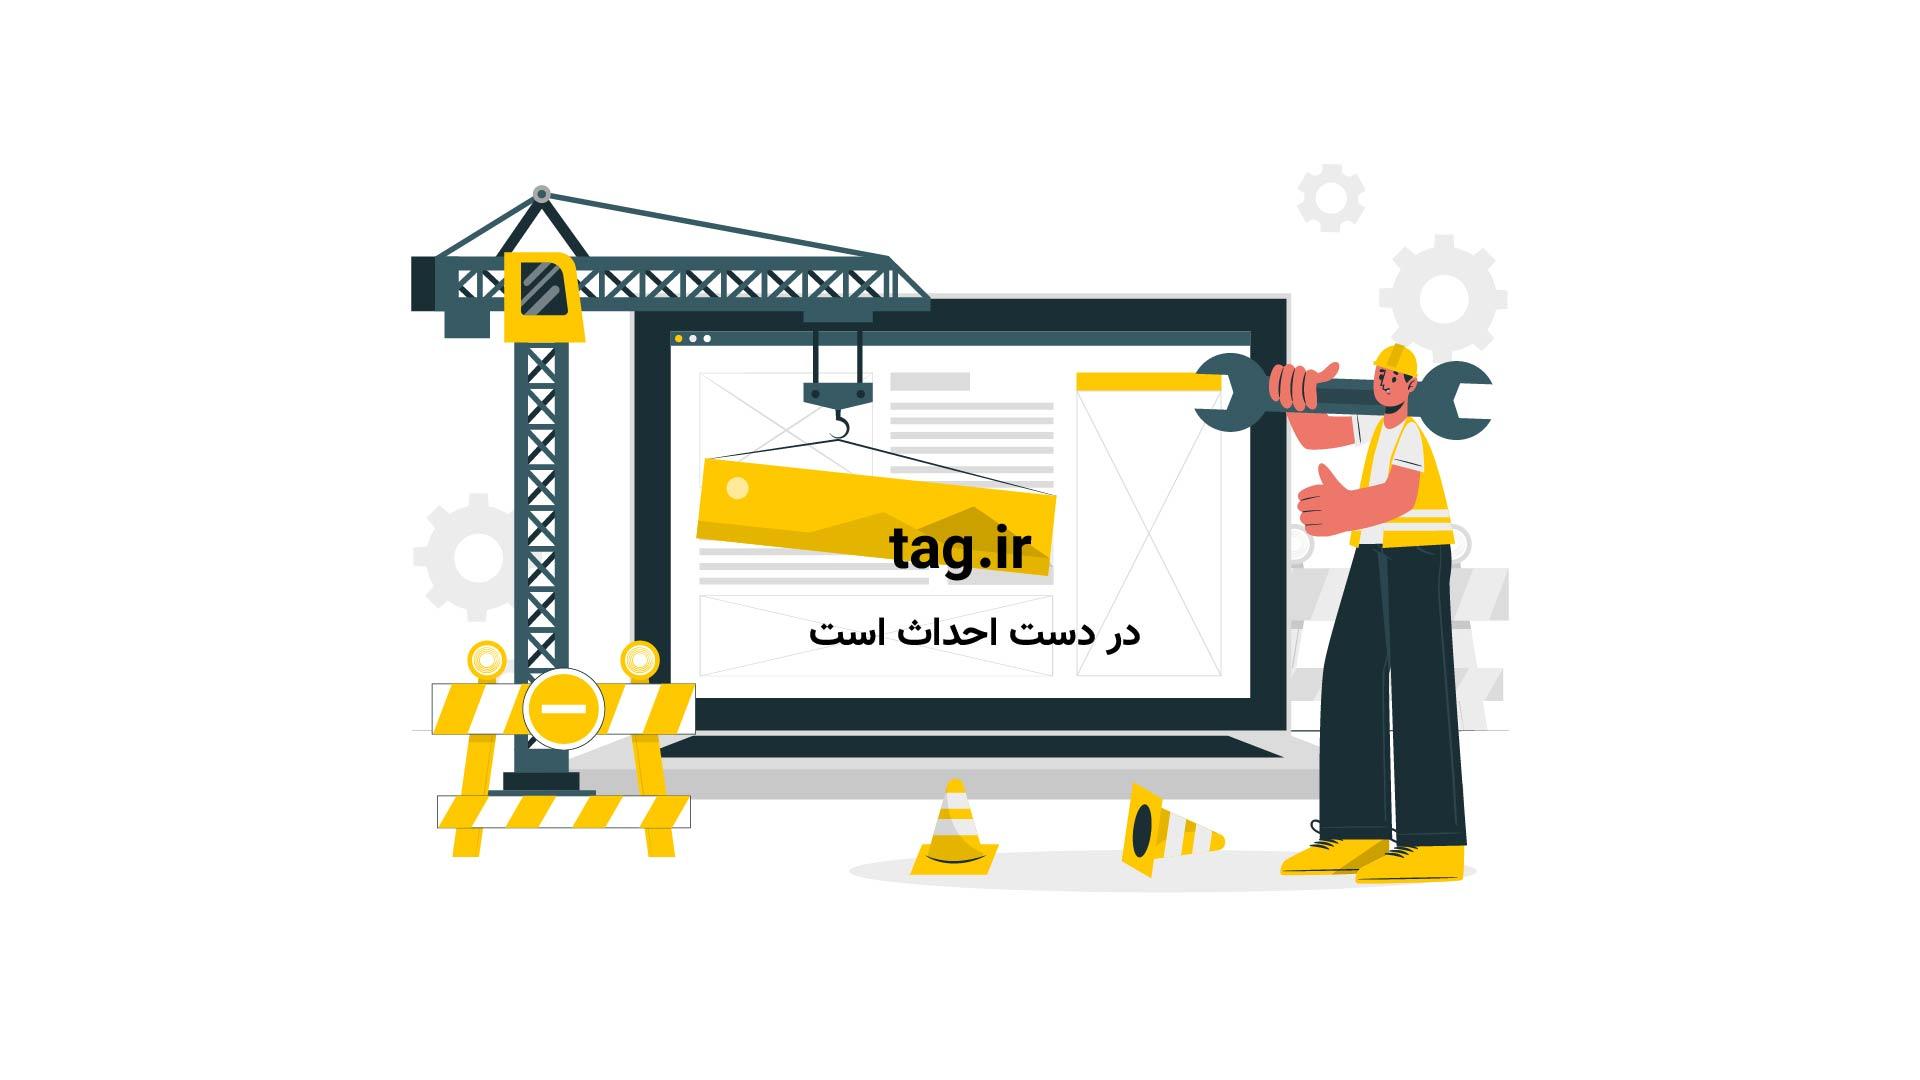 ماهی تروالی | تگ